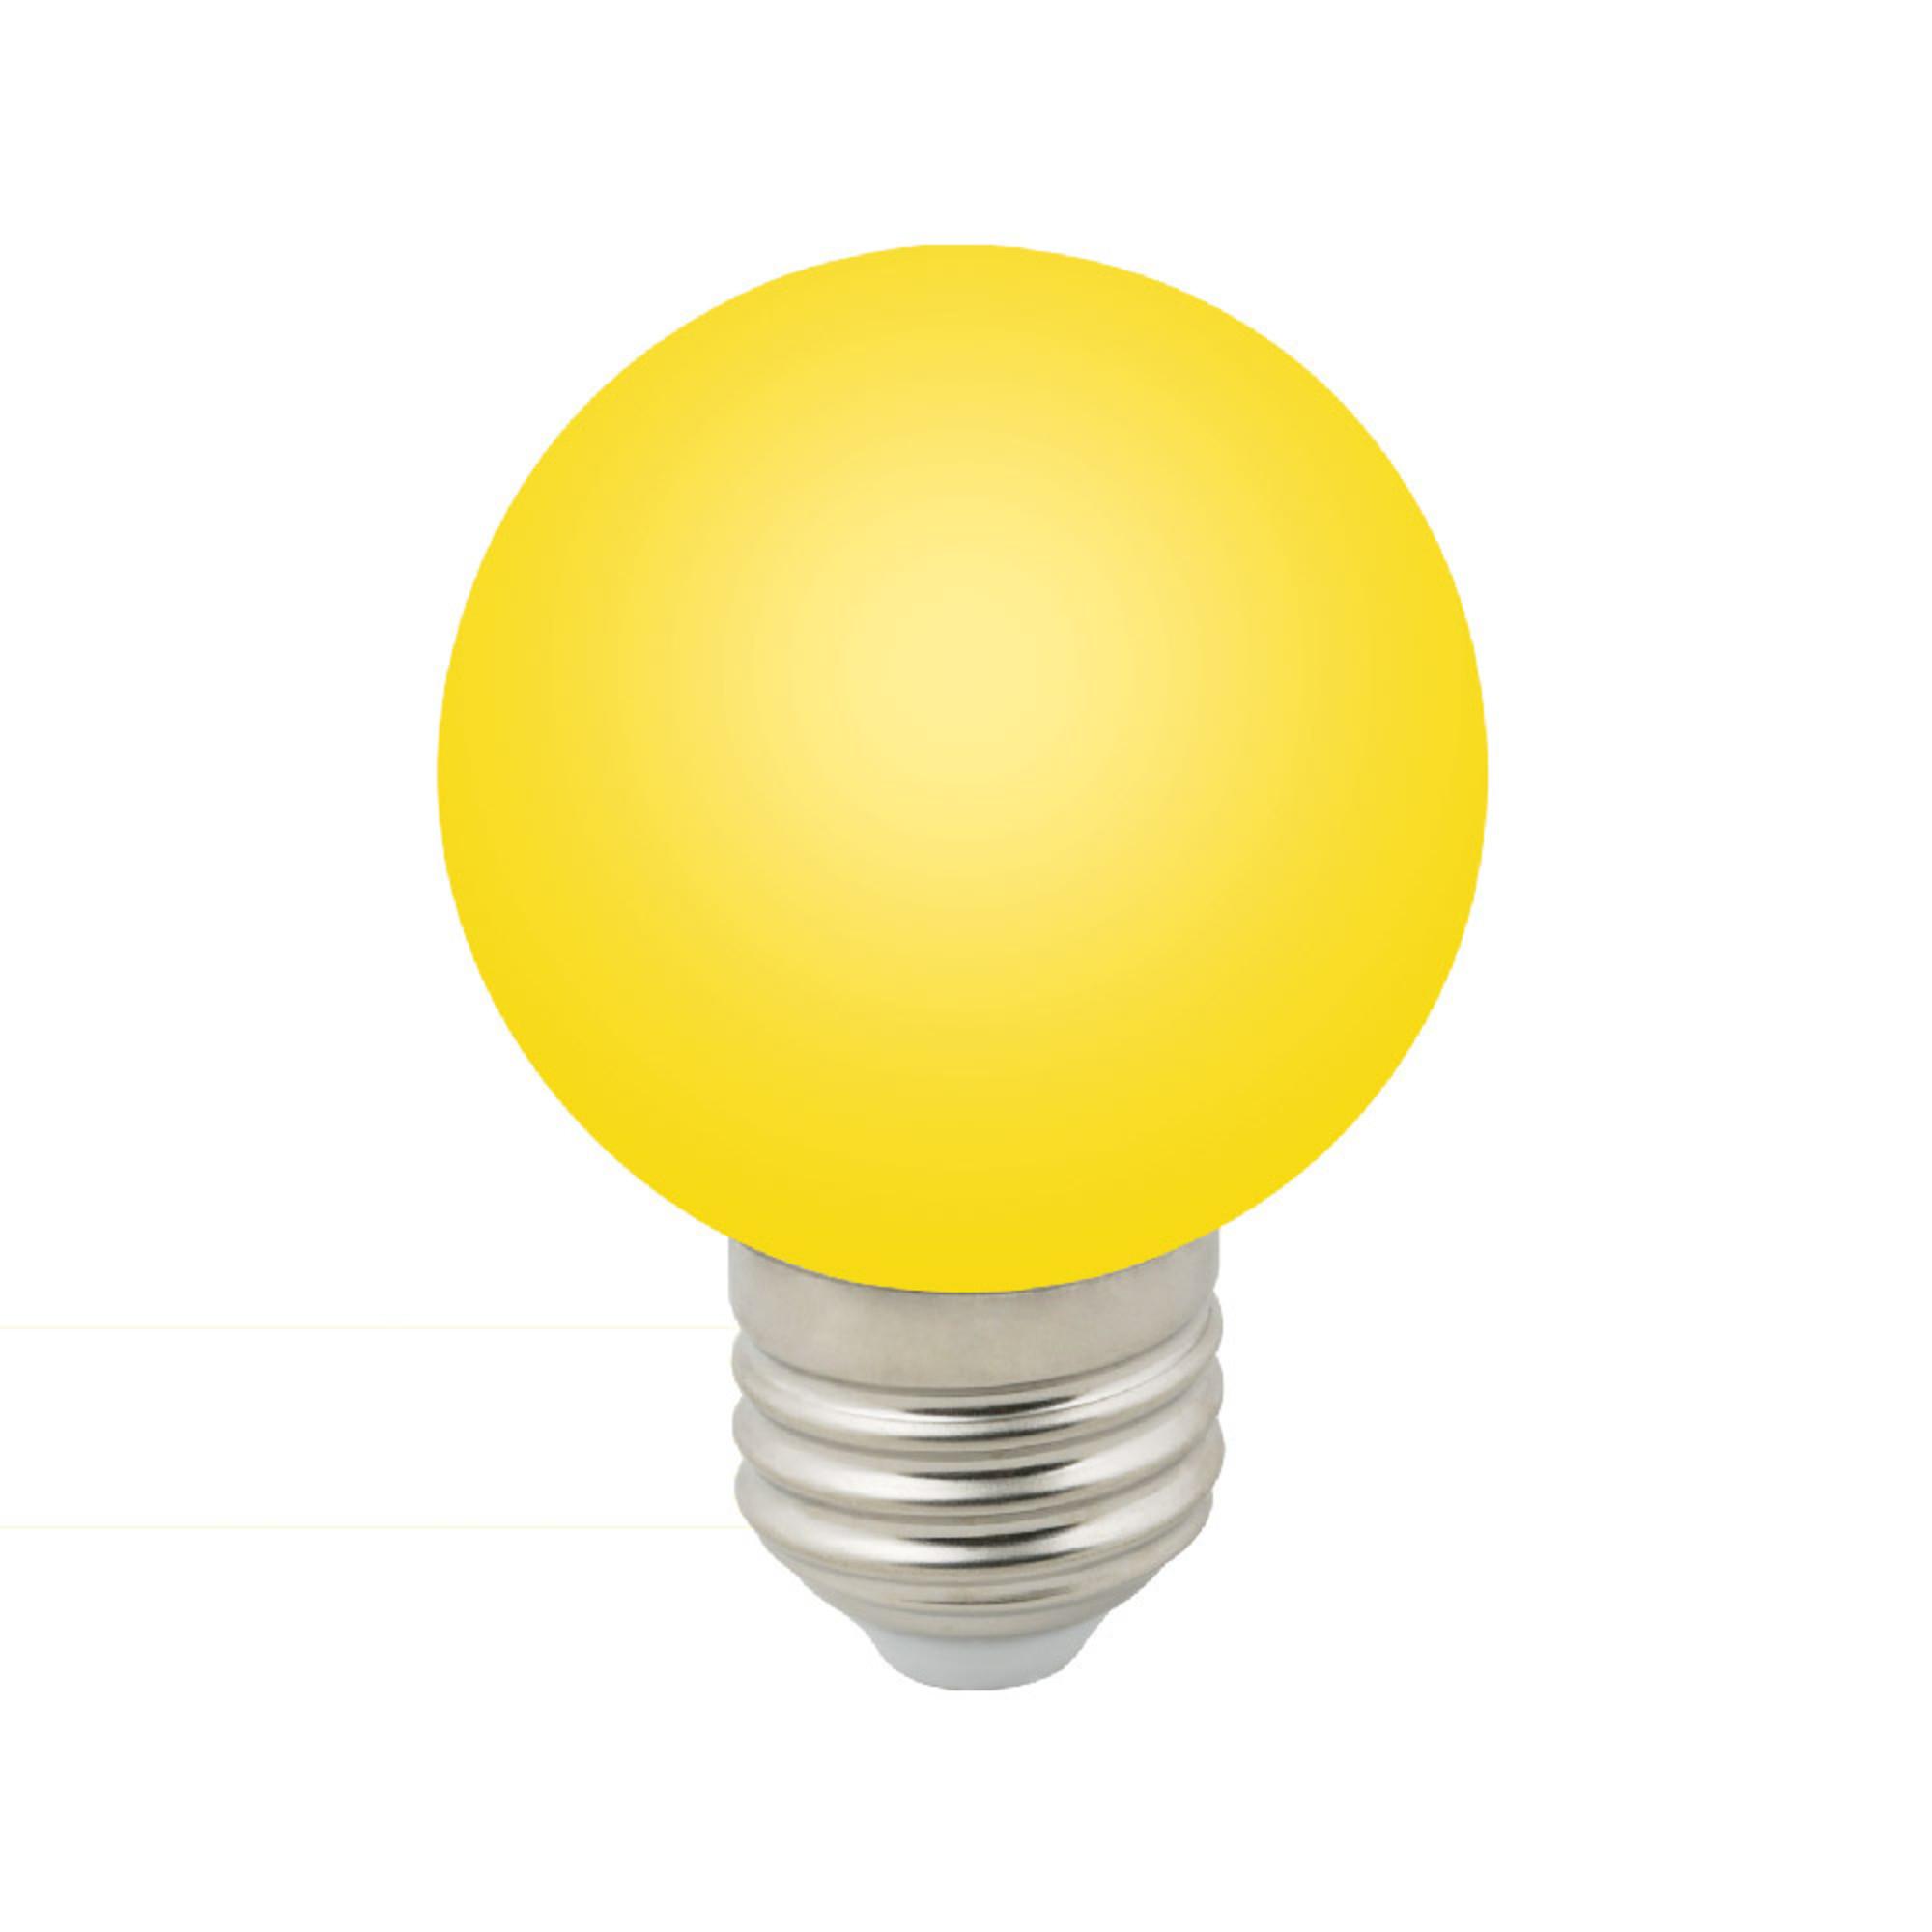 Лампа светодиодная E27 3 Вт шар жёлтый 240 лм жёлтый свет